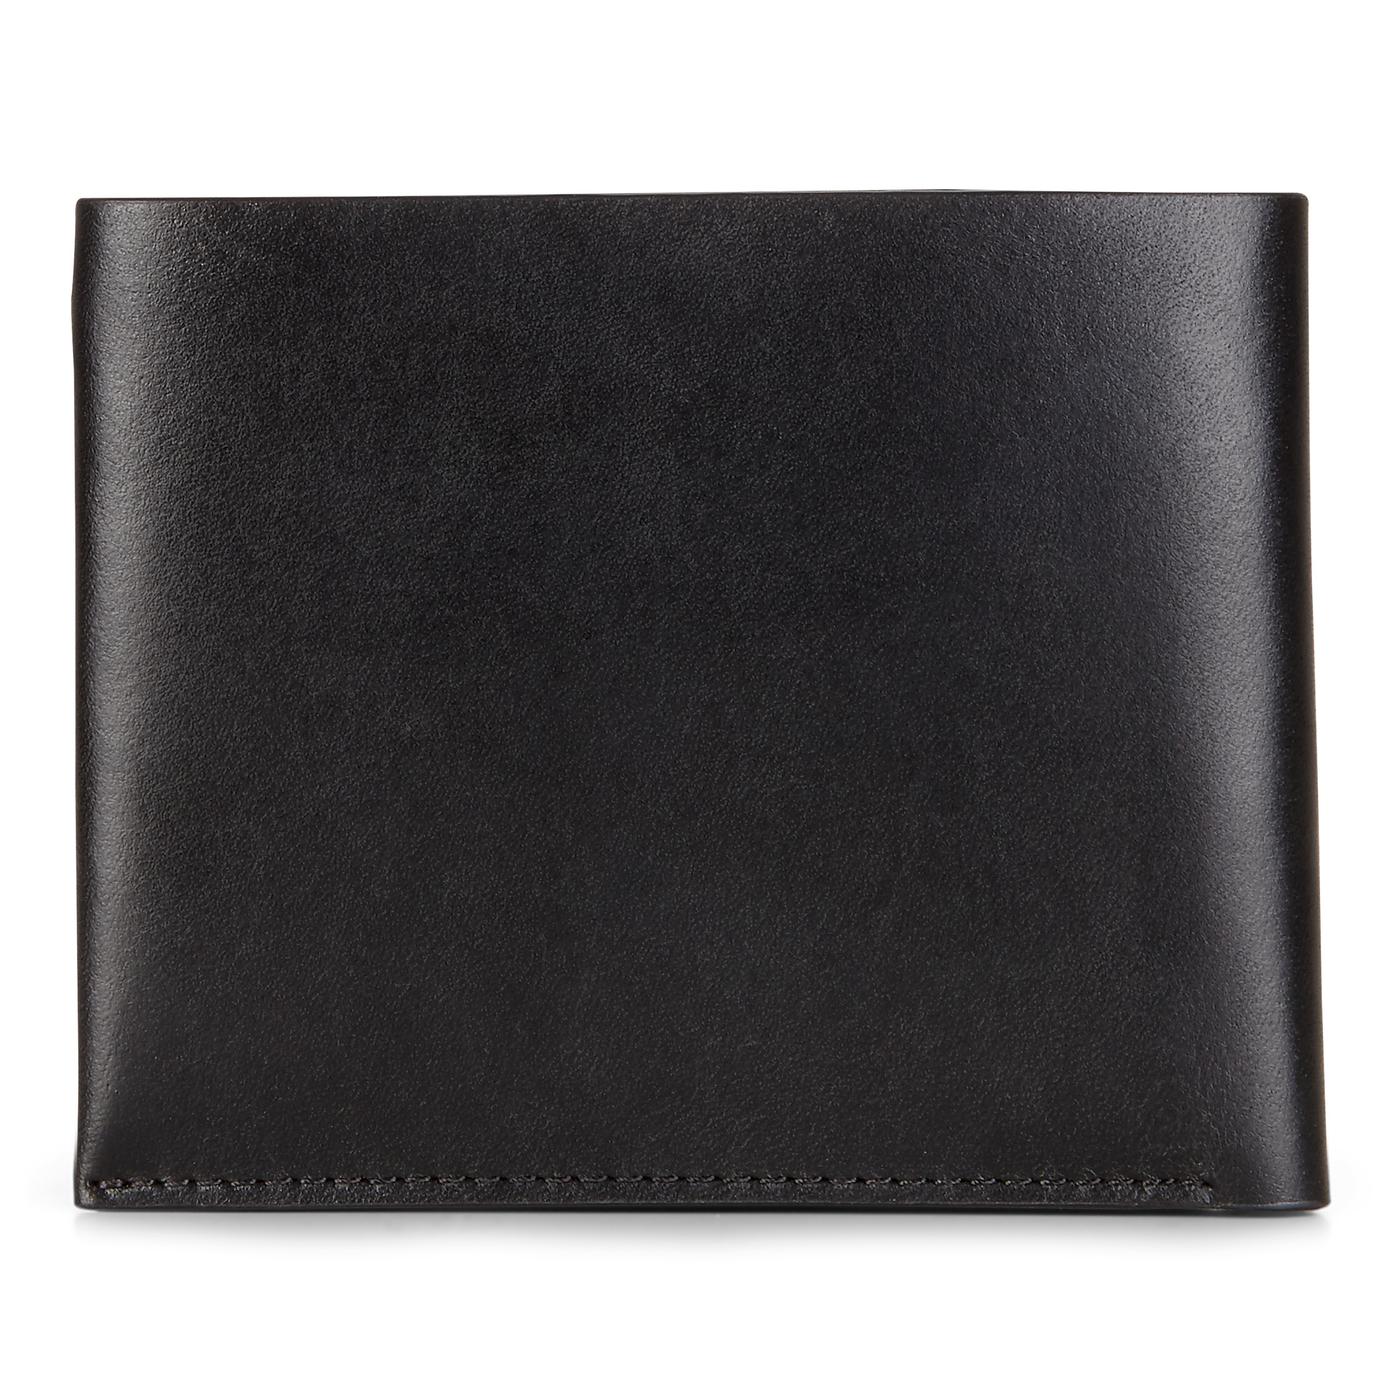 ECCO LARS Billfold Wallet